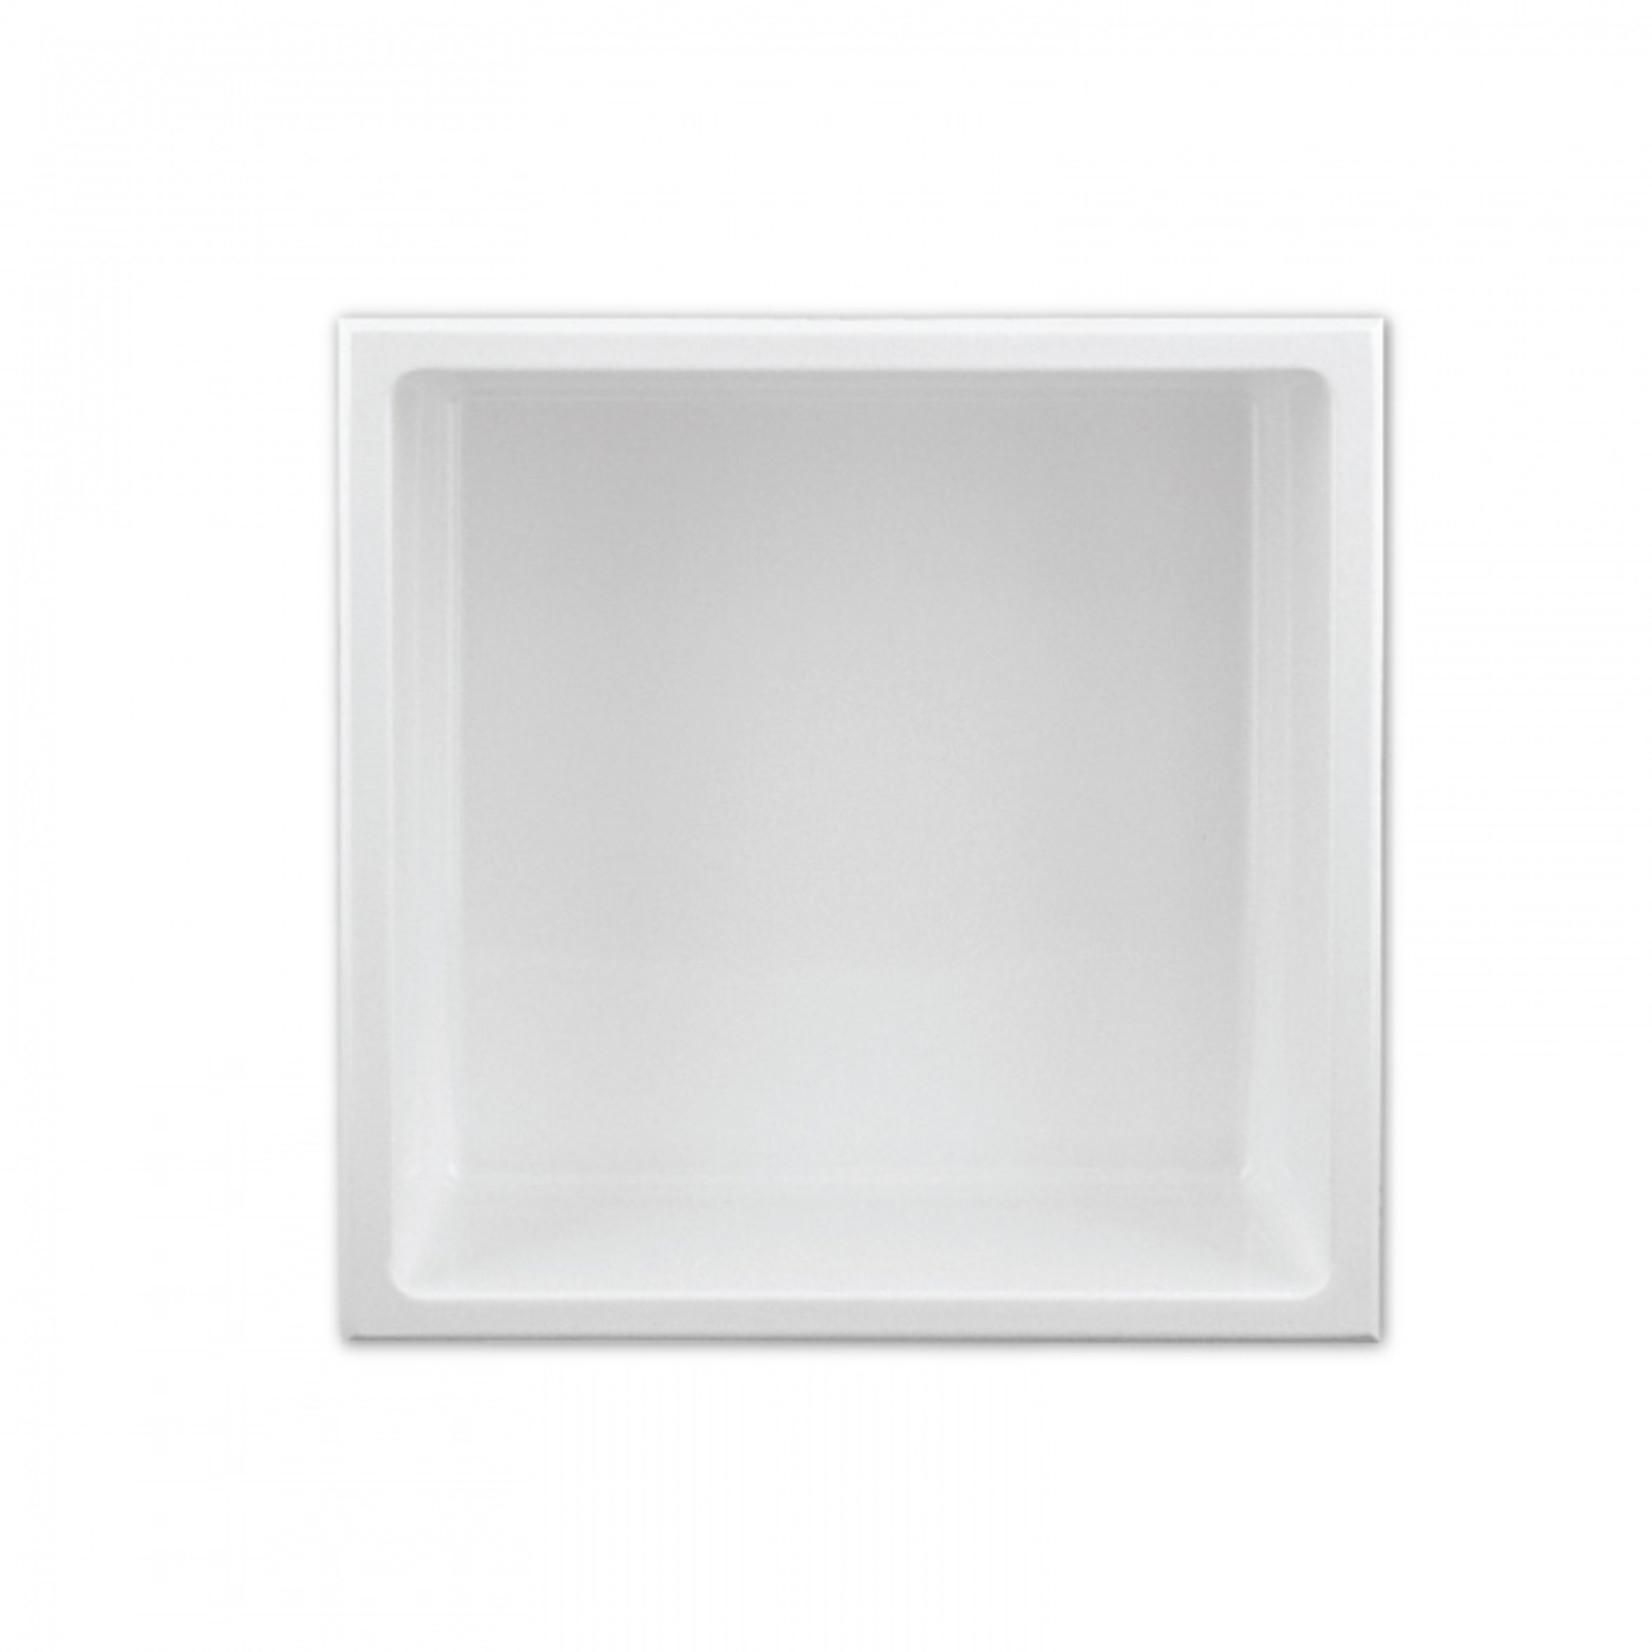 Wall niche 12X12 White Nautika NI1212W